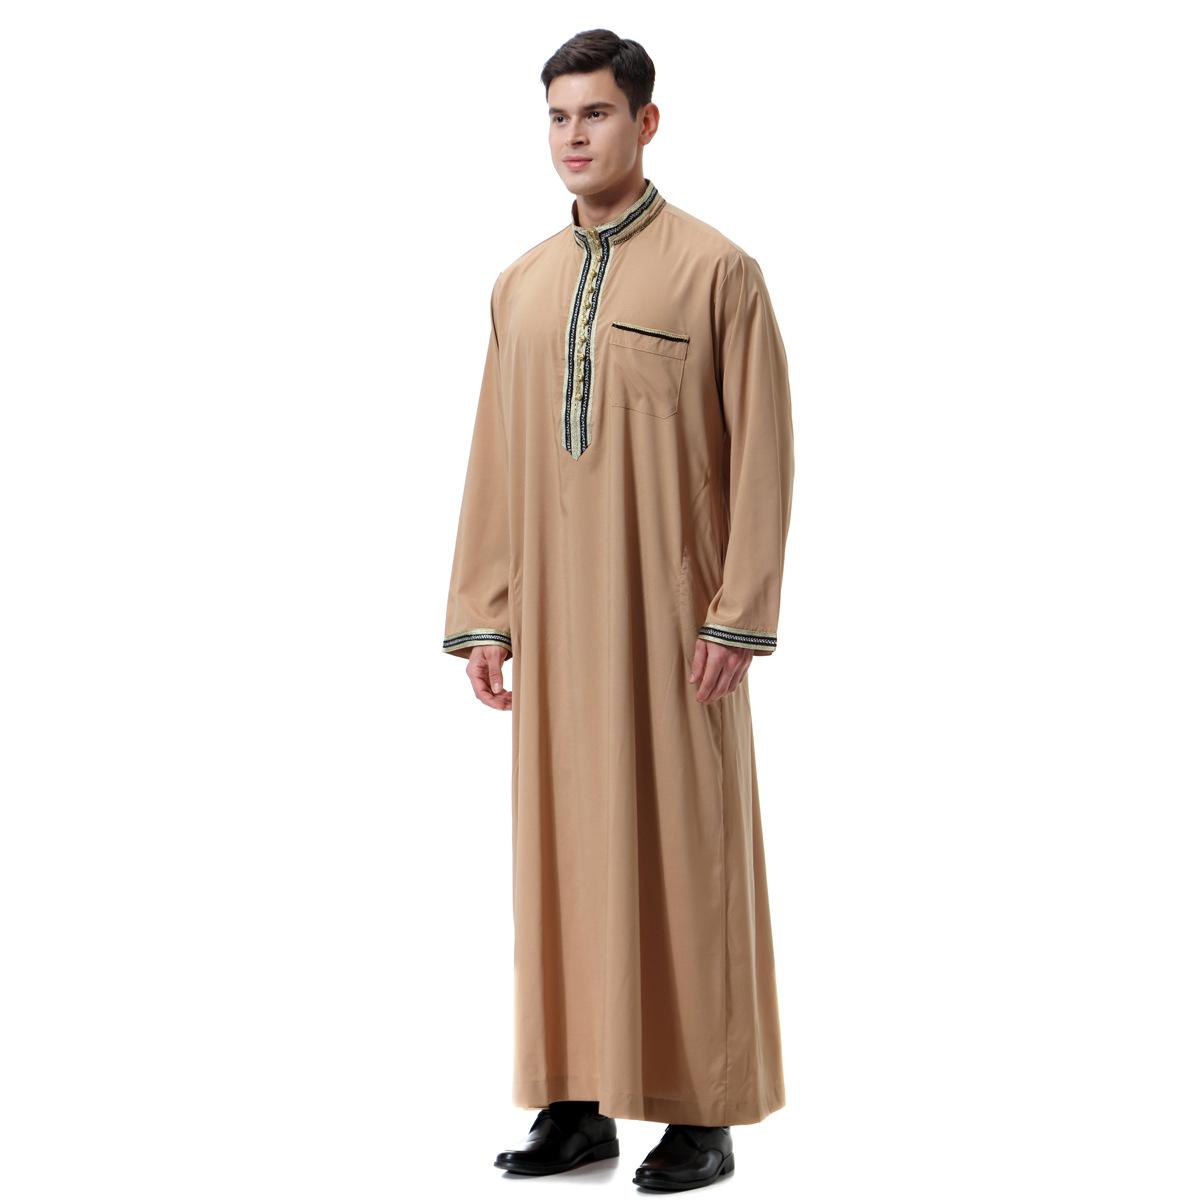 75a6dbf17da66 Buy Muslim man abaya 2018 turkish dubai robes caftan arabic islamic ...